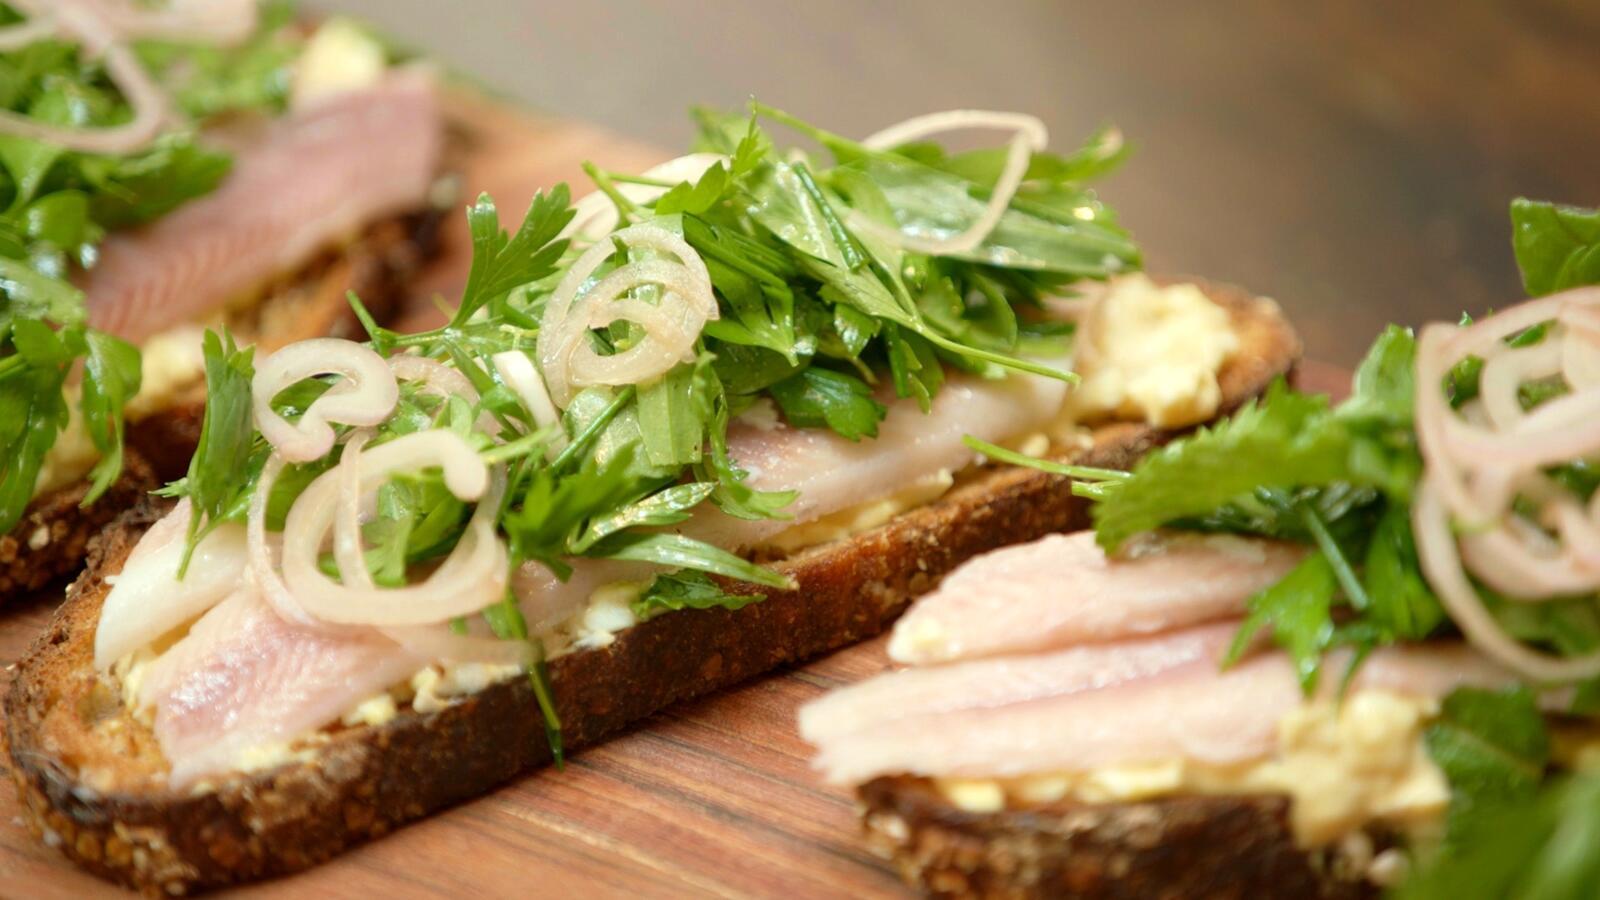 Zuurdesemtoast met salade in 't groen en gerookte paling